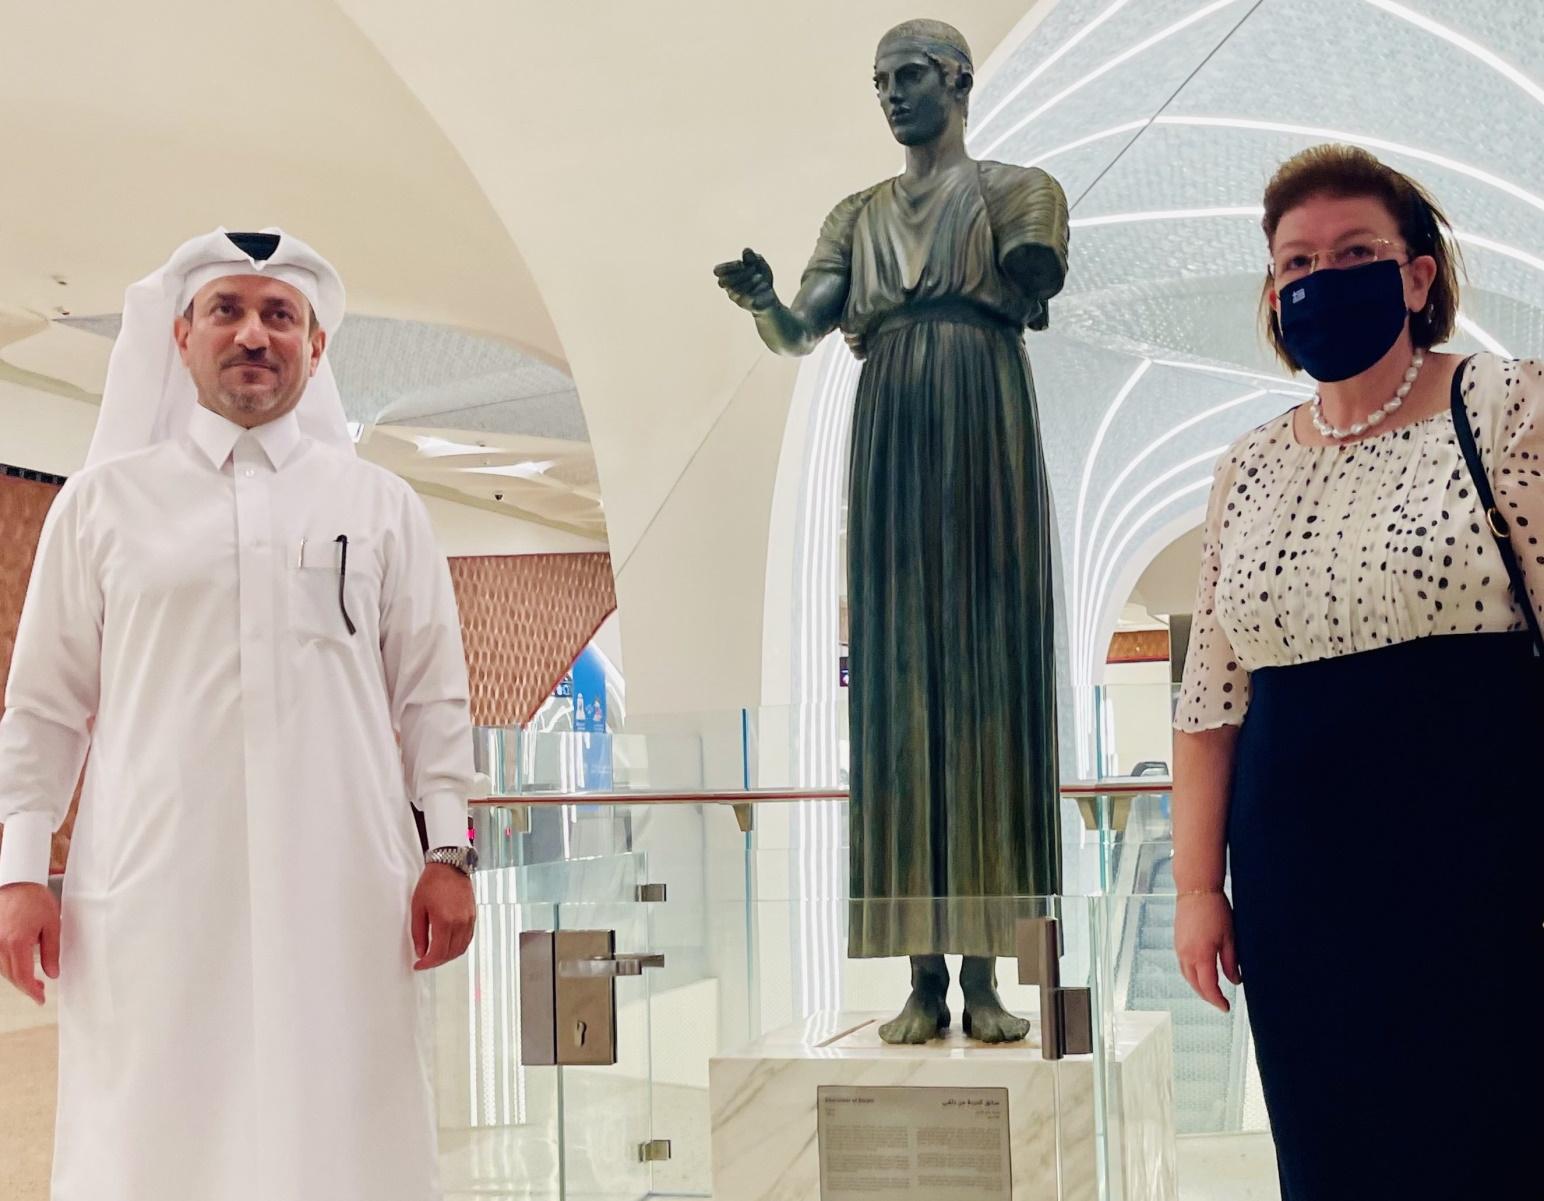 Μενδώνη – Κατάρ: Ο Ηνίοχος των Δελφών κοσμεί τον υπερσύγχρονο κεντρικό σταθμό του Μετρό (pics)